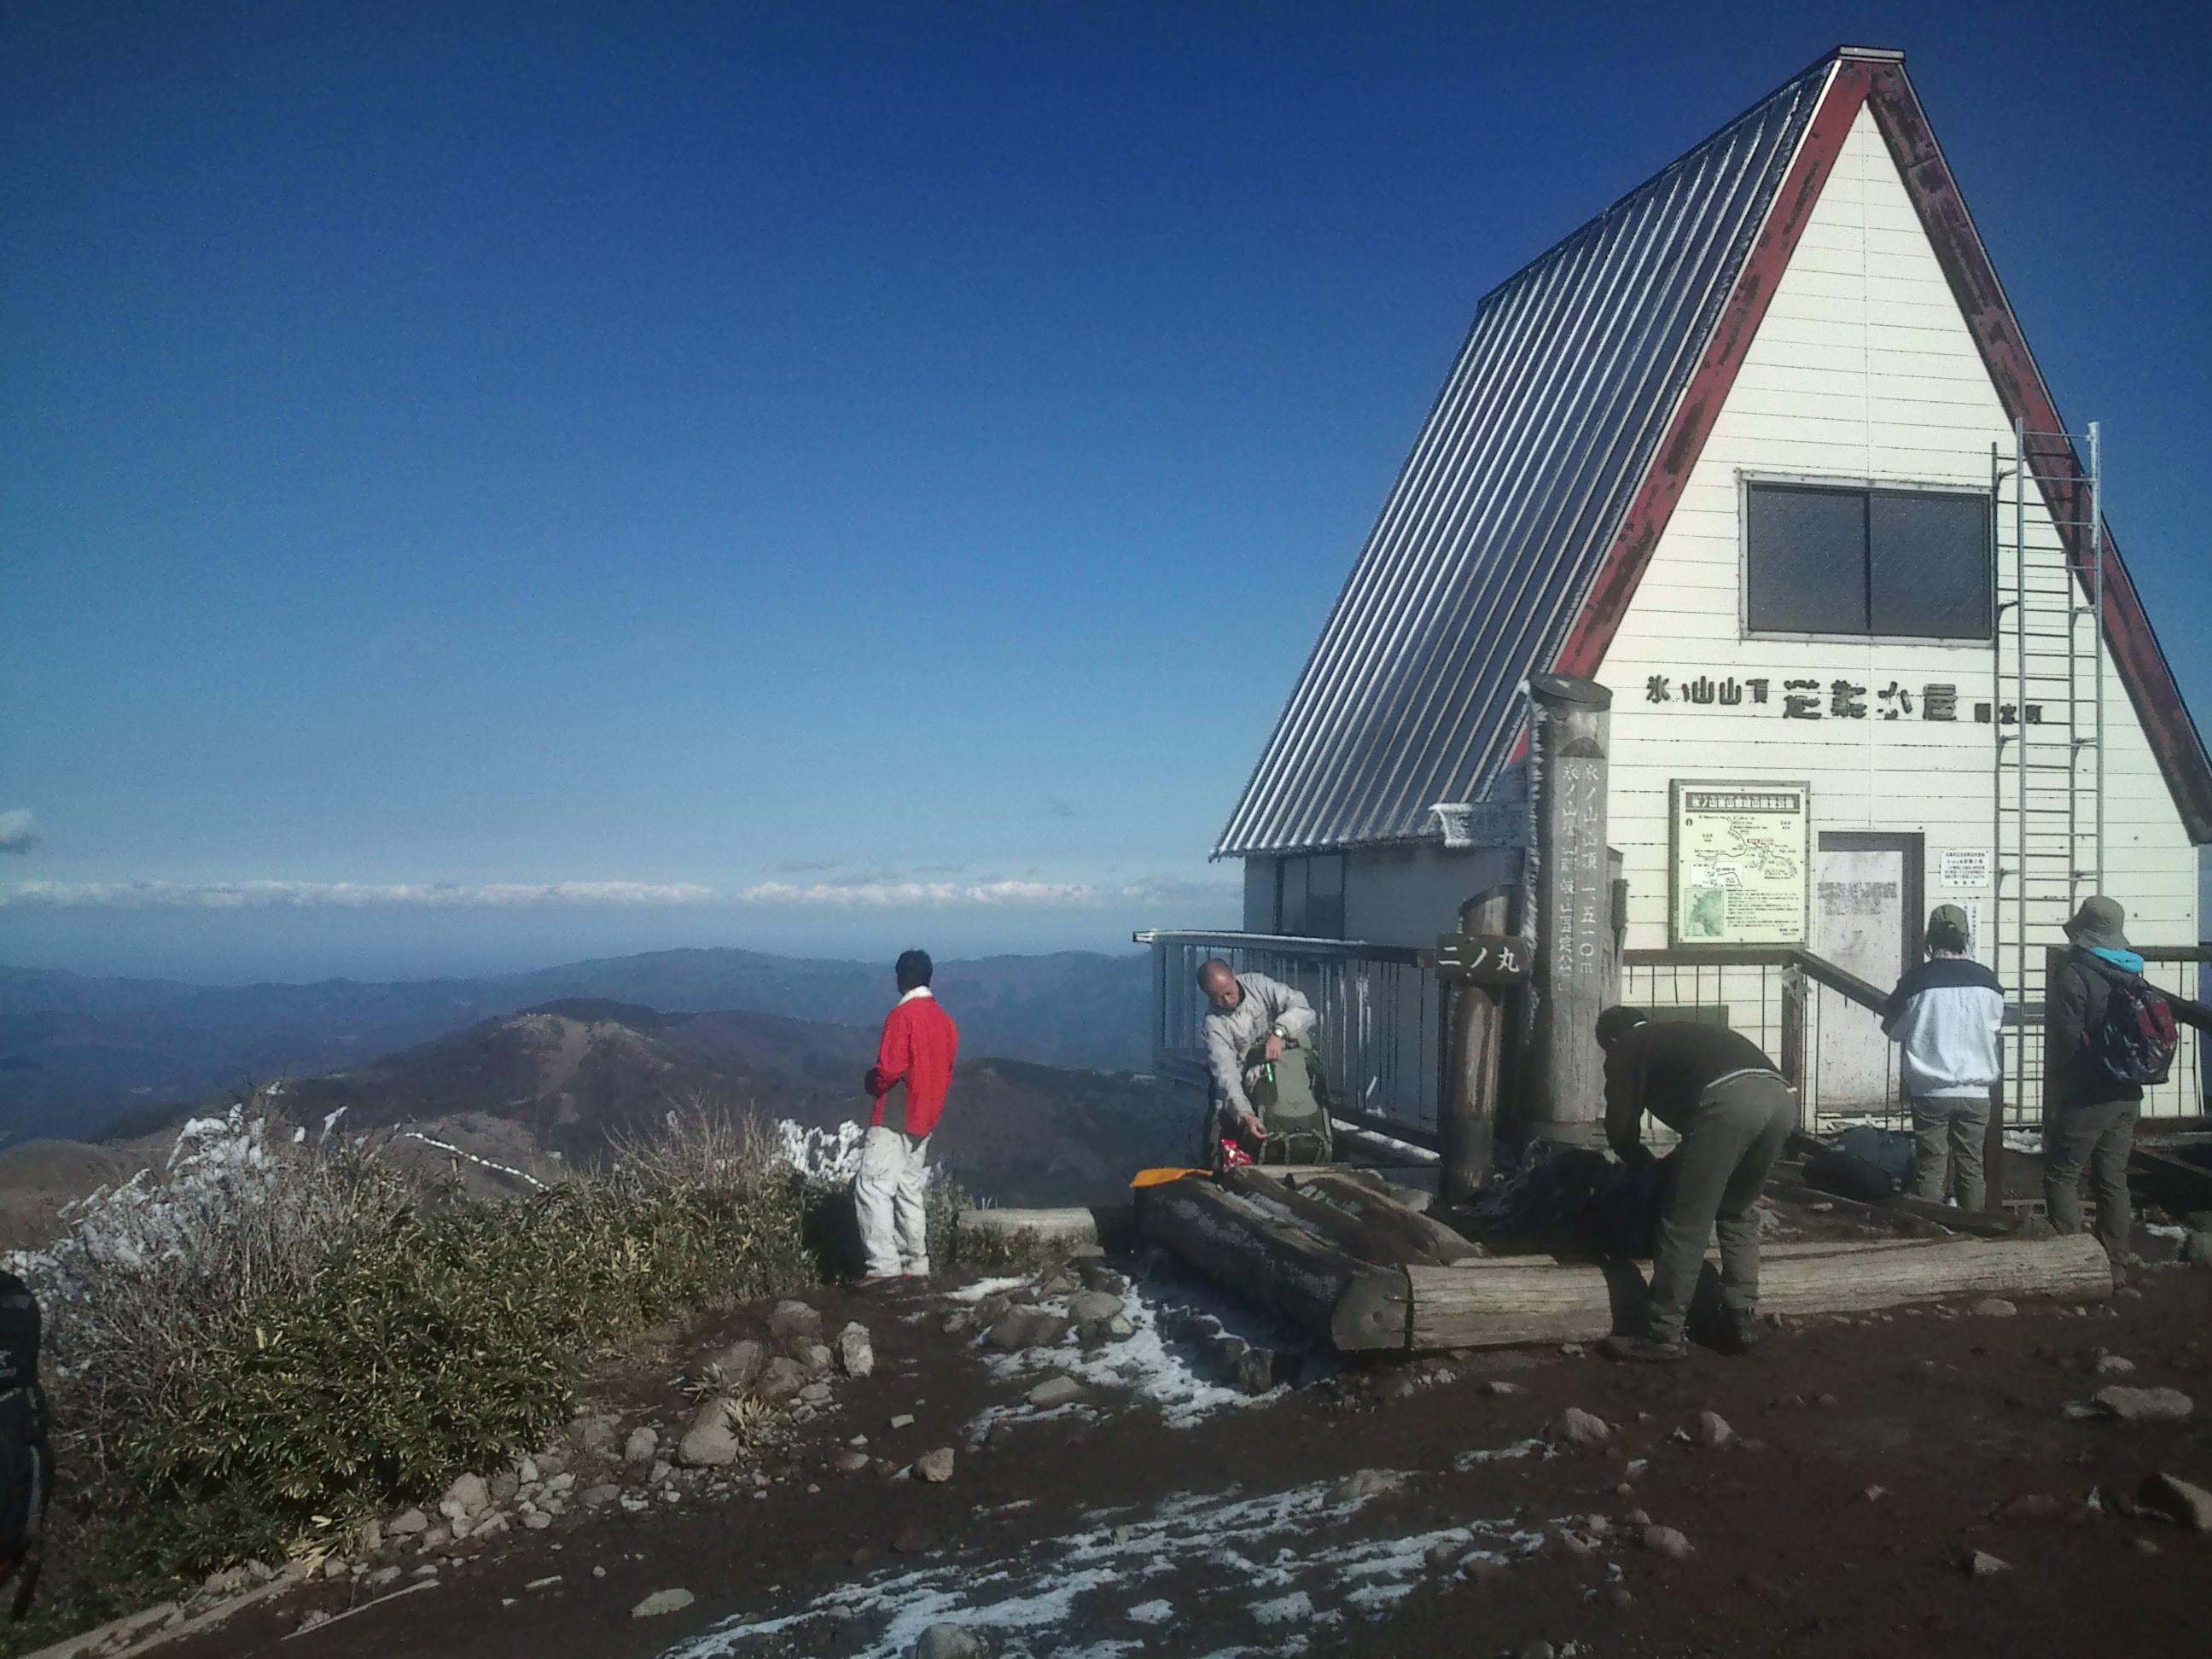 やっぱり氷ノ山っていぃね!! (11月27日)_f0101226_22314084.jpg